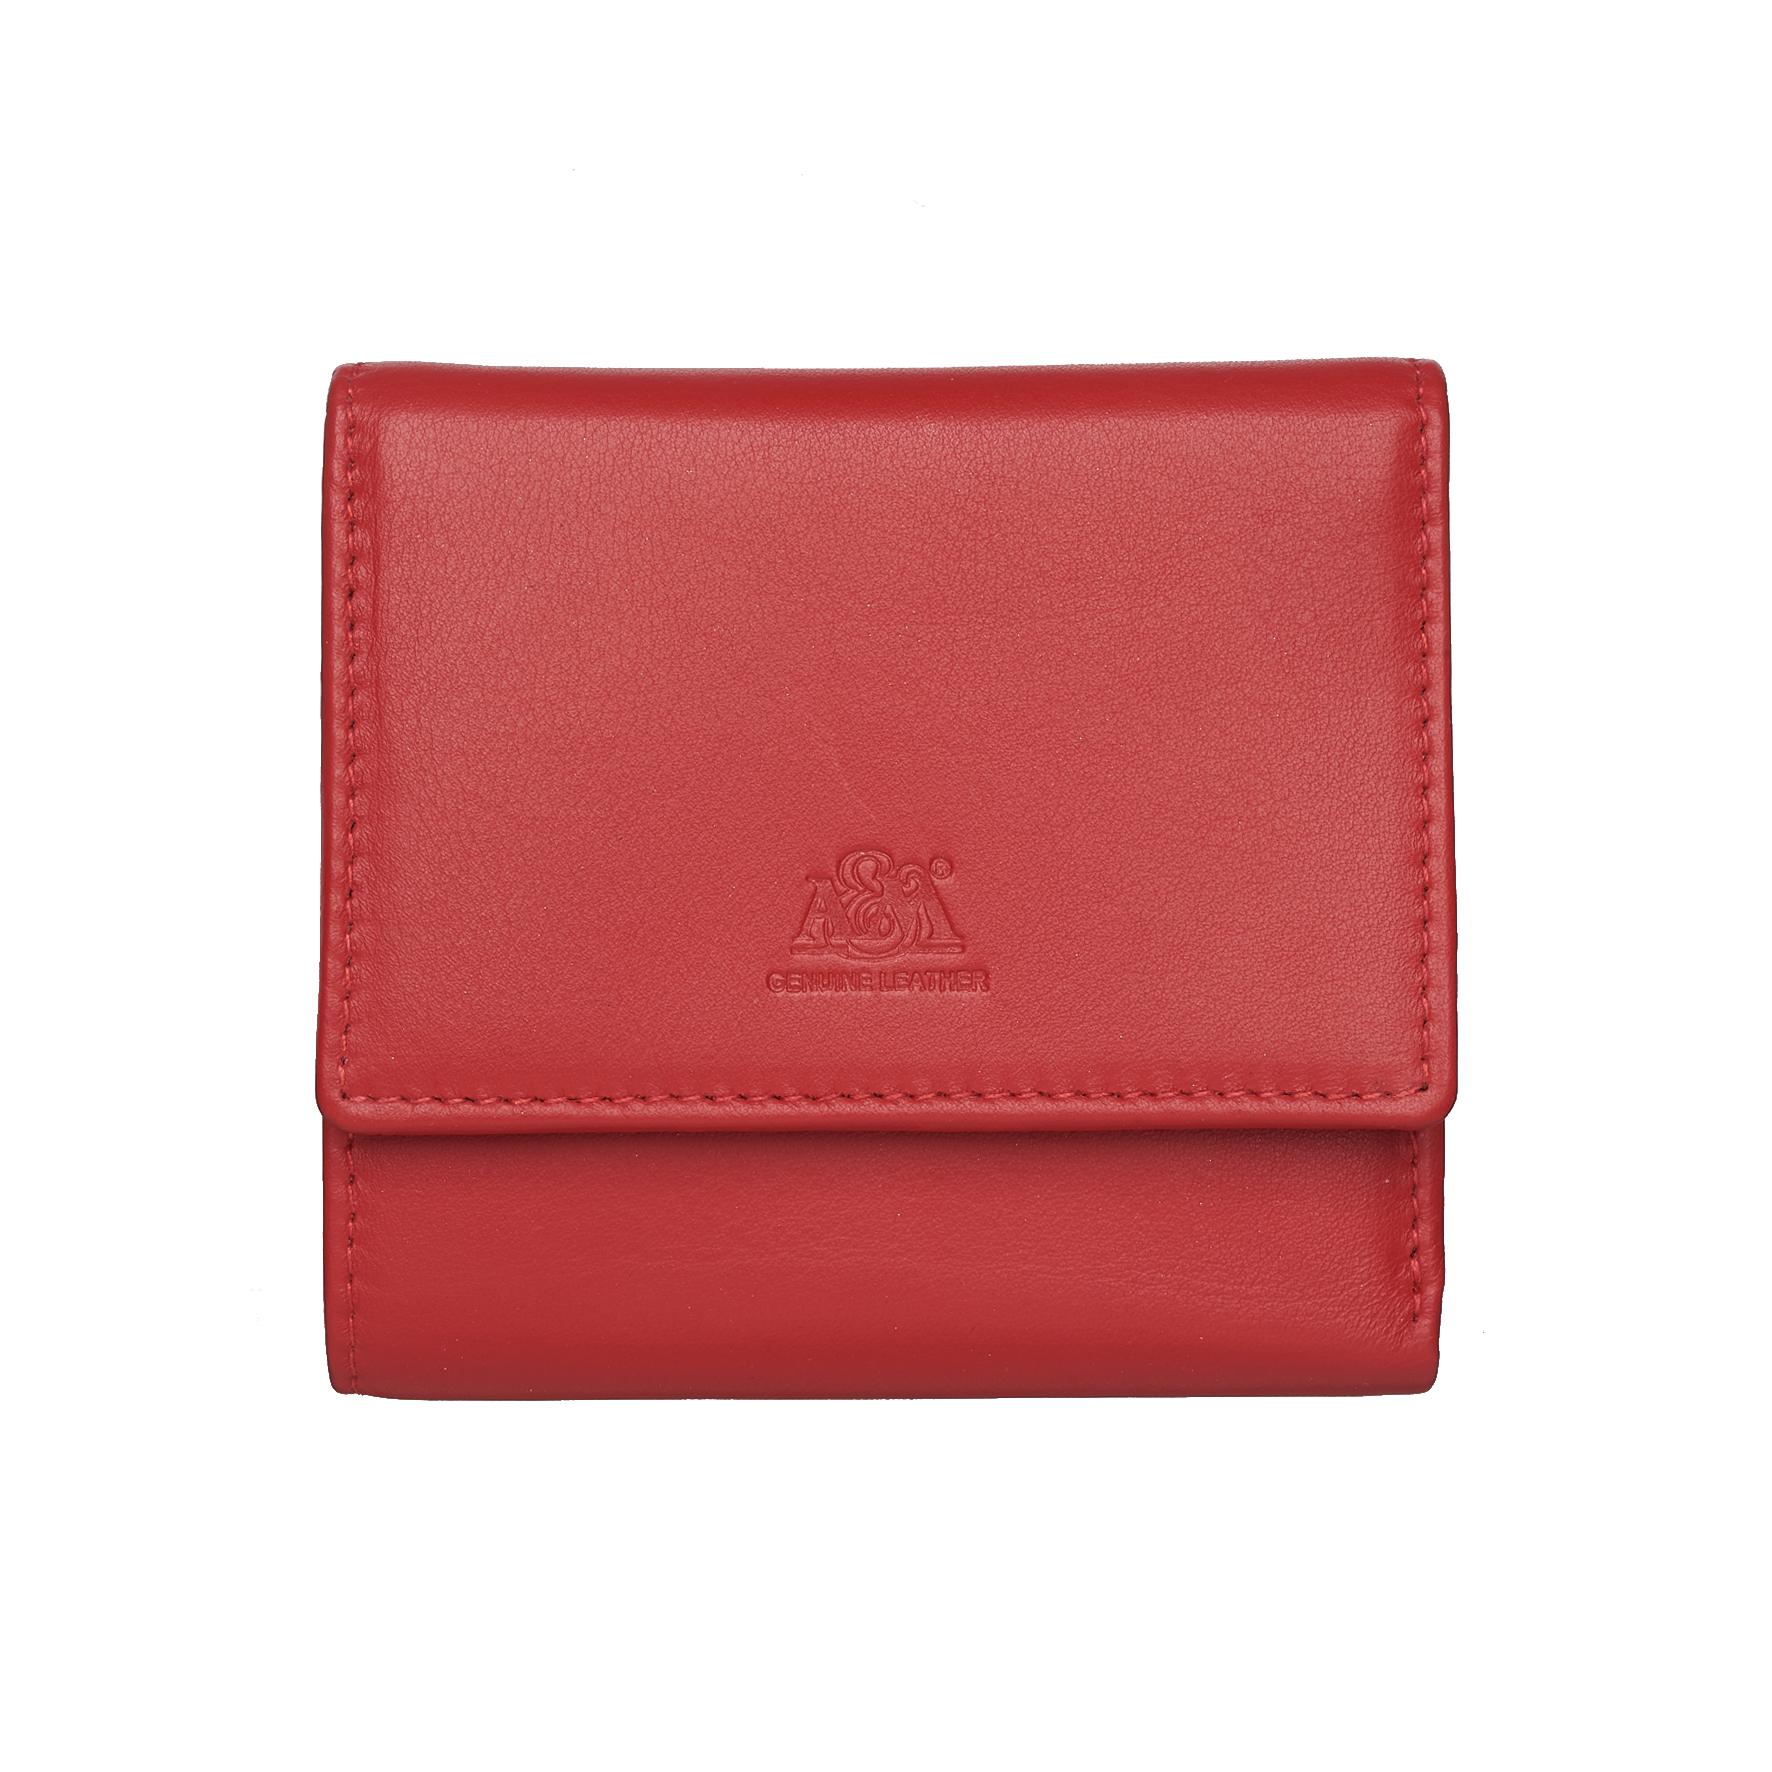 Портмоне A&M женское, 2652N.Red, красный, красный